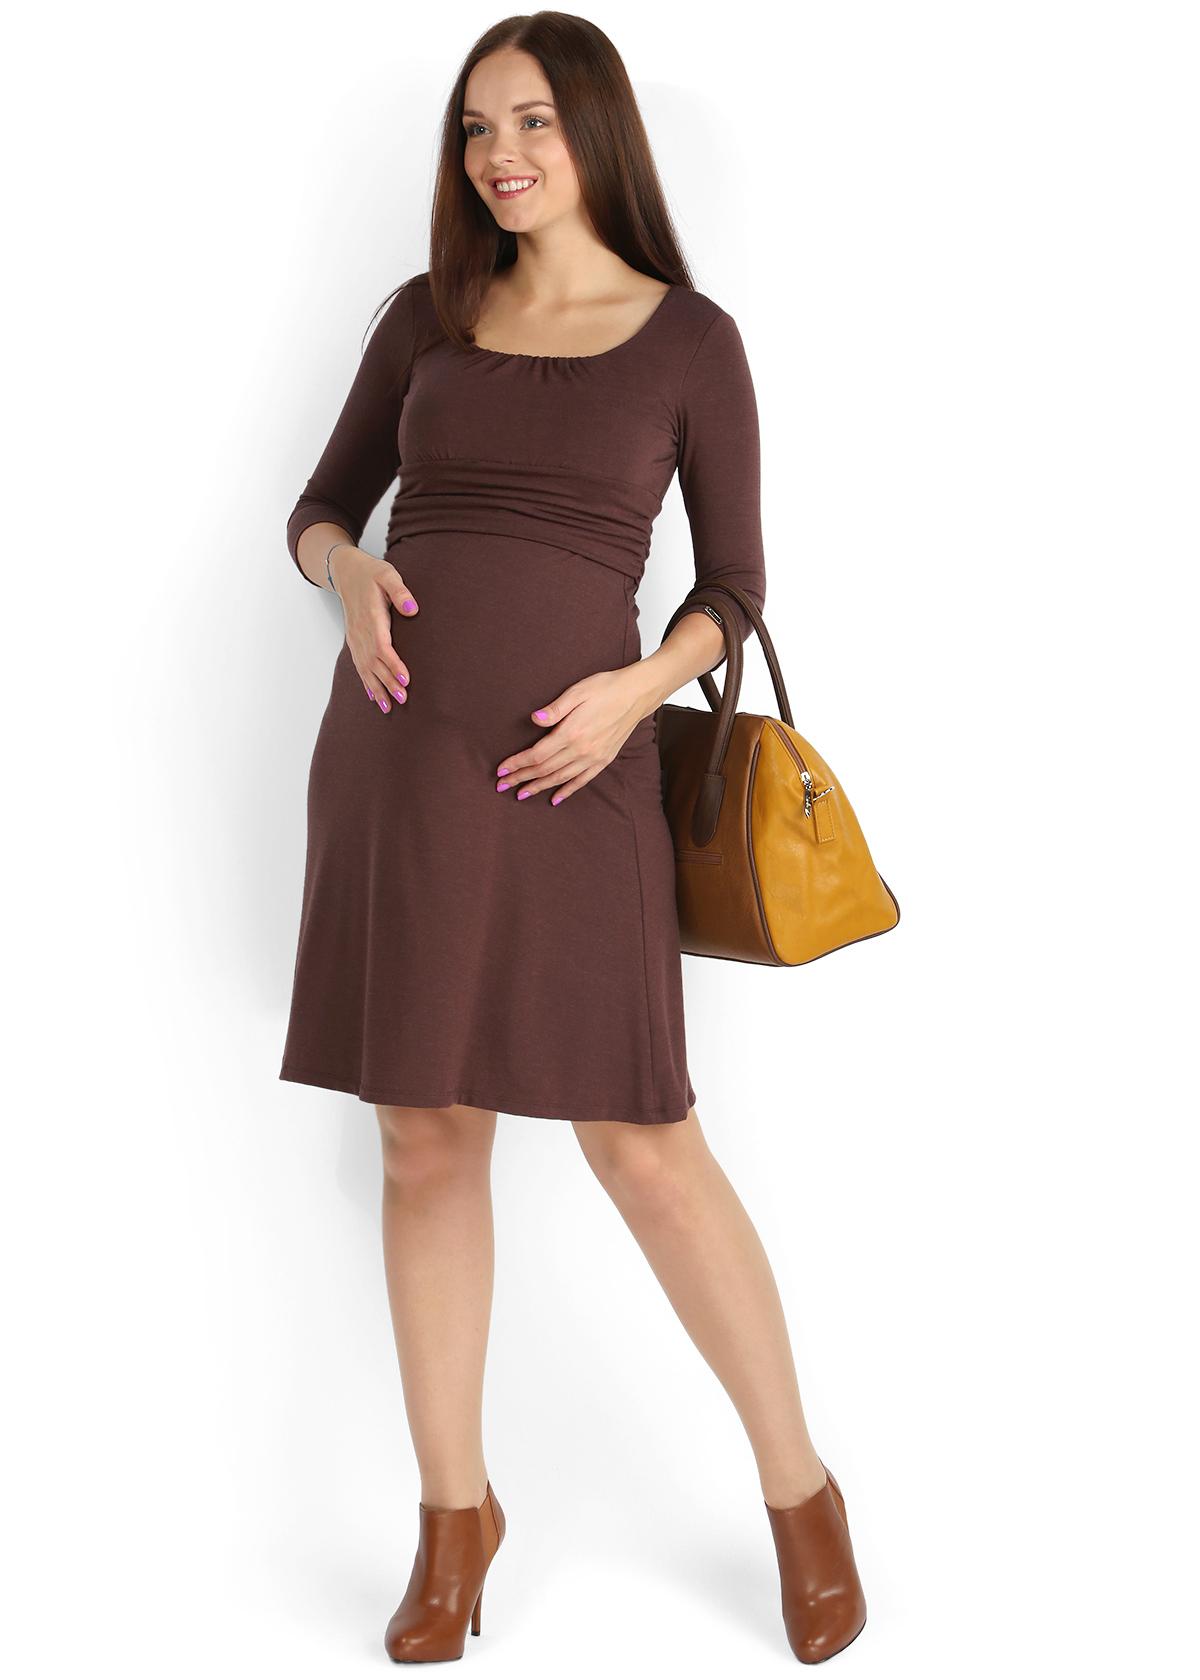 Купить одежду для беременных и кормления в Минске, Платье для беременных и  кормления грудью ПВ11 ... 0007a802e5e